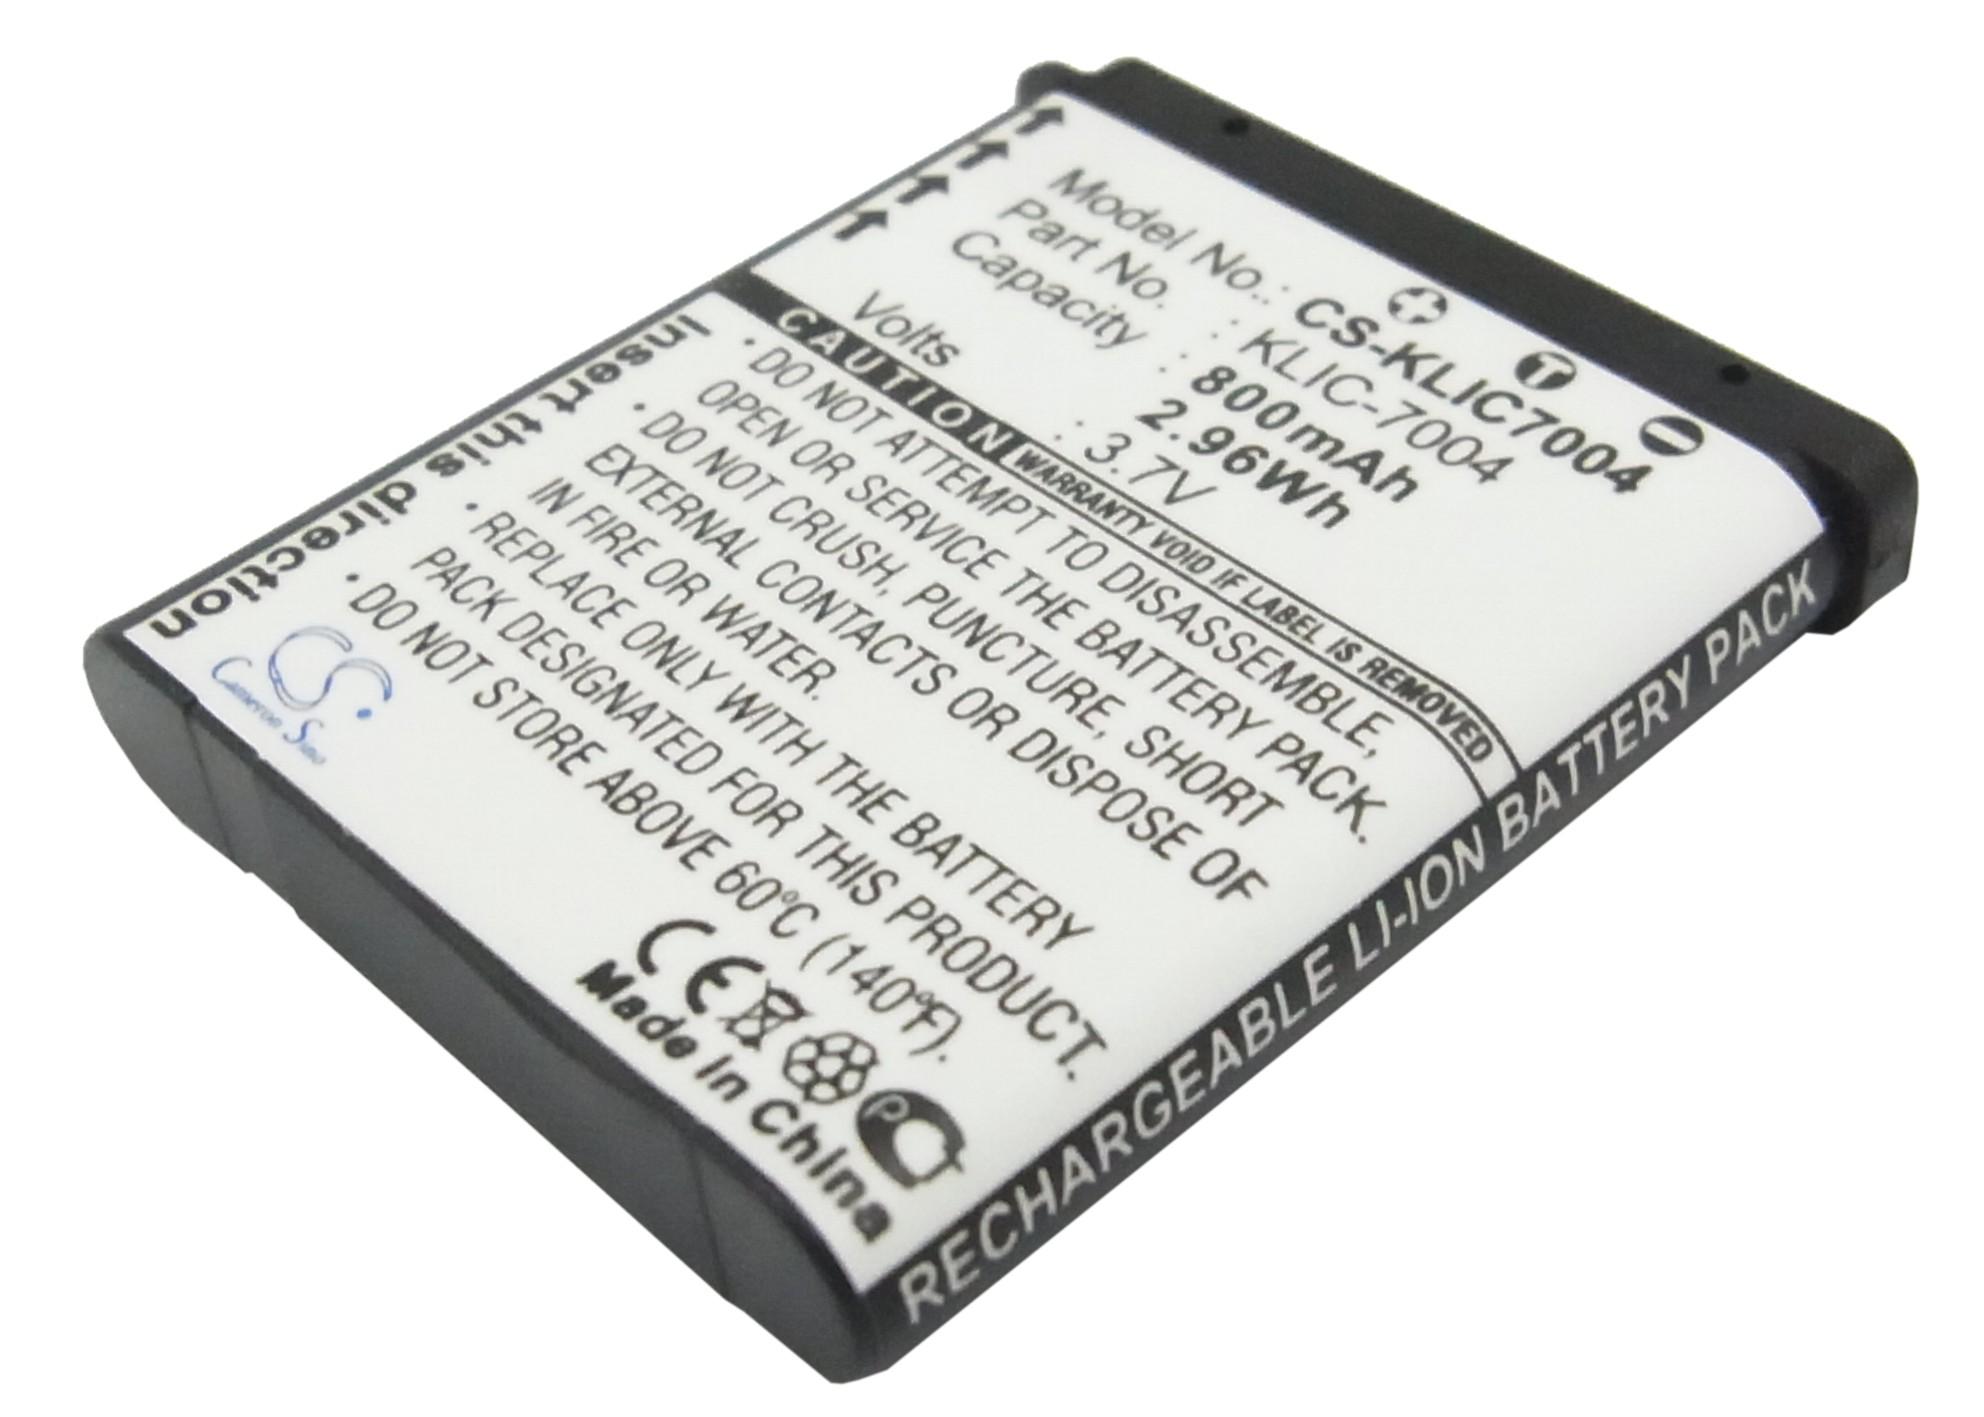 Cameron Sino baterie do kamer a fotoaparátů pro KODAK EasyShare V1253 3.7V Li-ion 800mAh černá - neoriginální